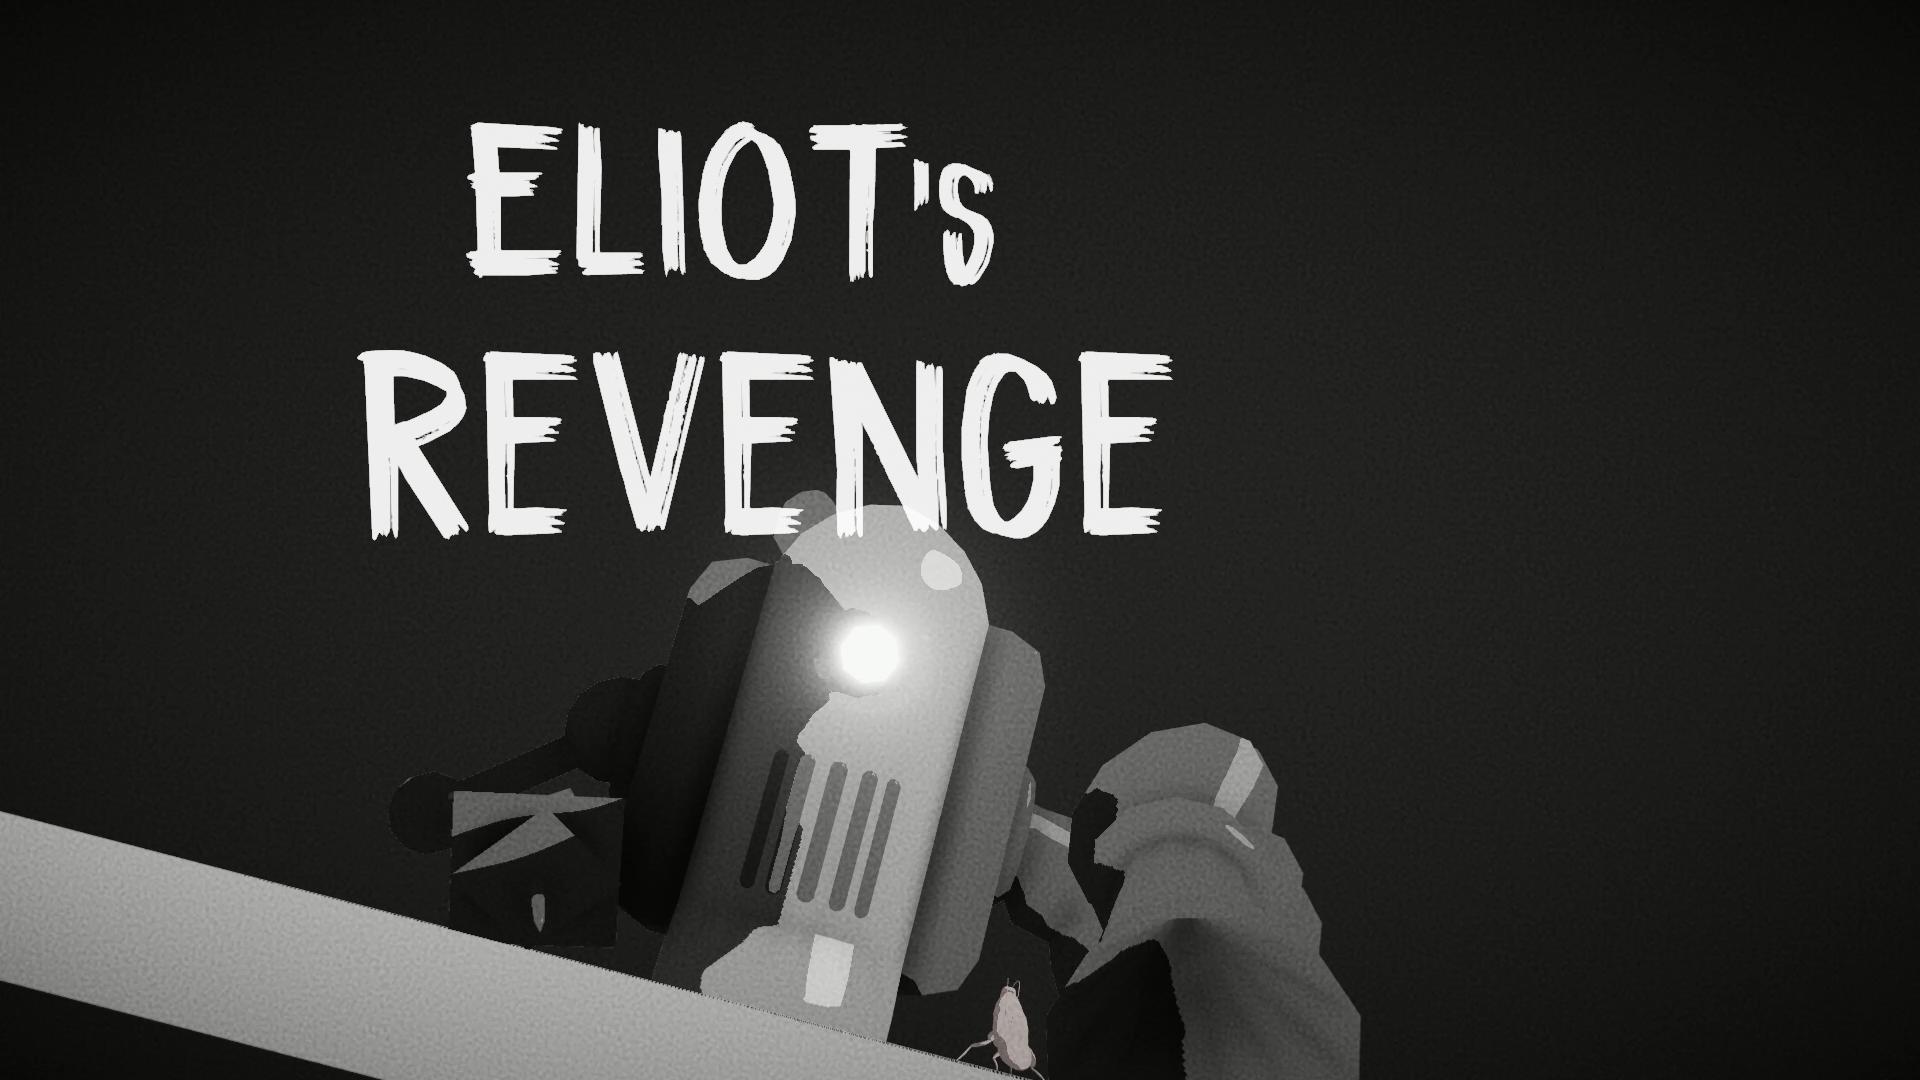 Eliot's Revenge